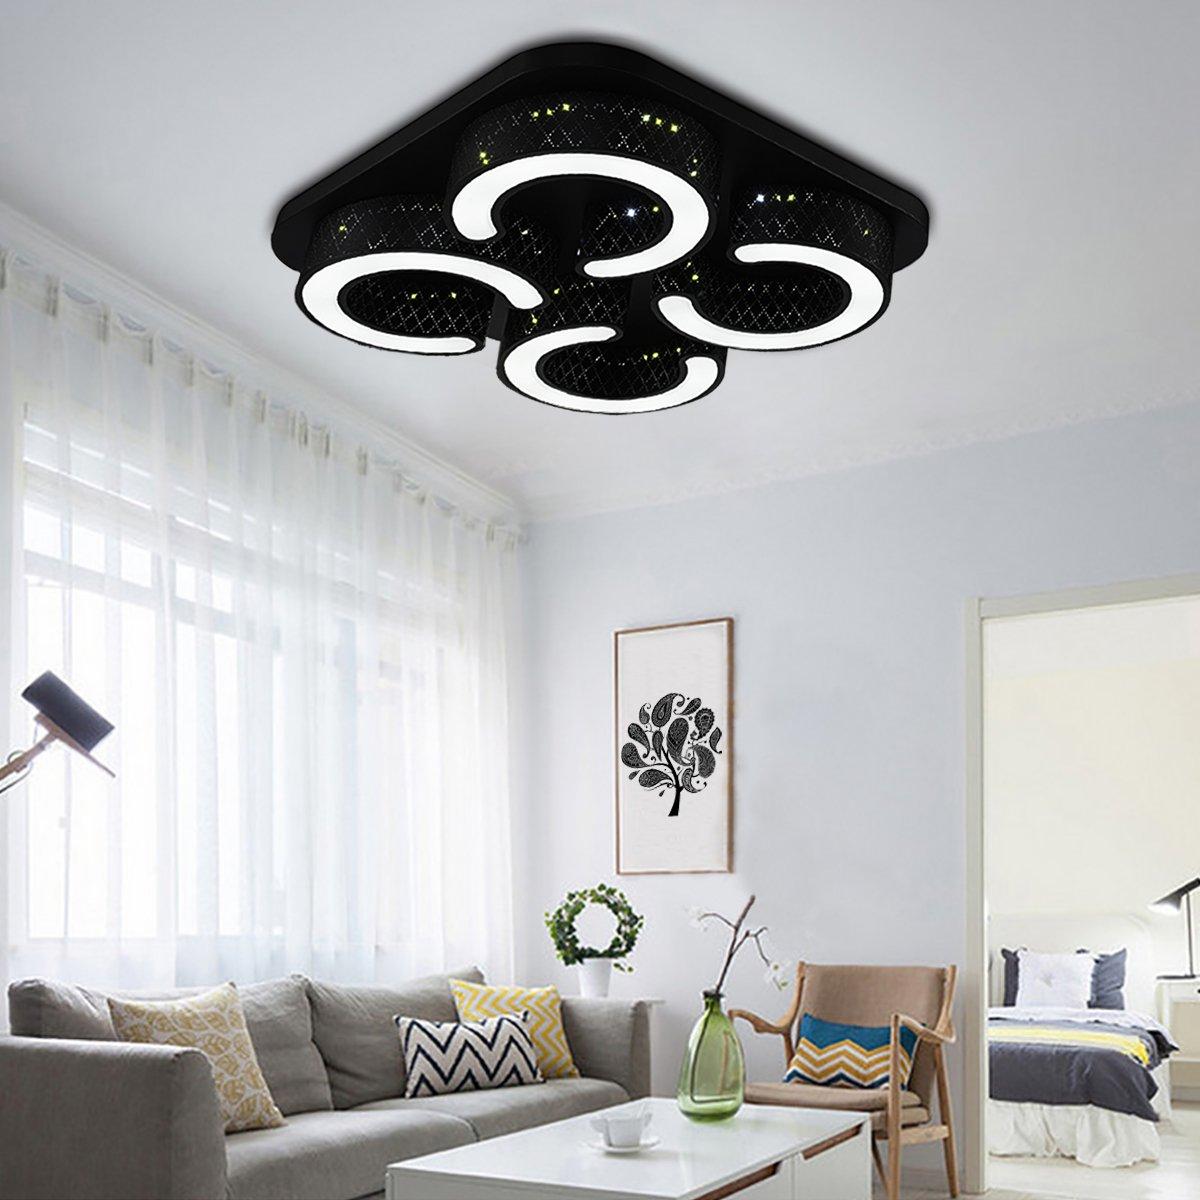 HG® 48W Led Ceiling Light Square Living Room Light Cool White Lamps Modern Energy-Saving Wall Light Bathroom Ceiling Light IP44